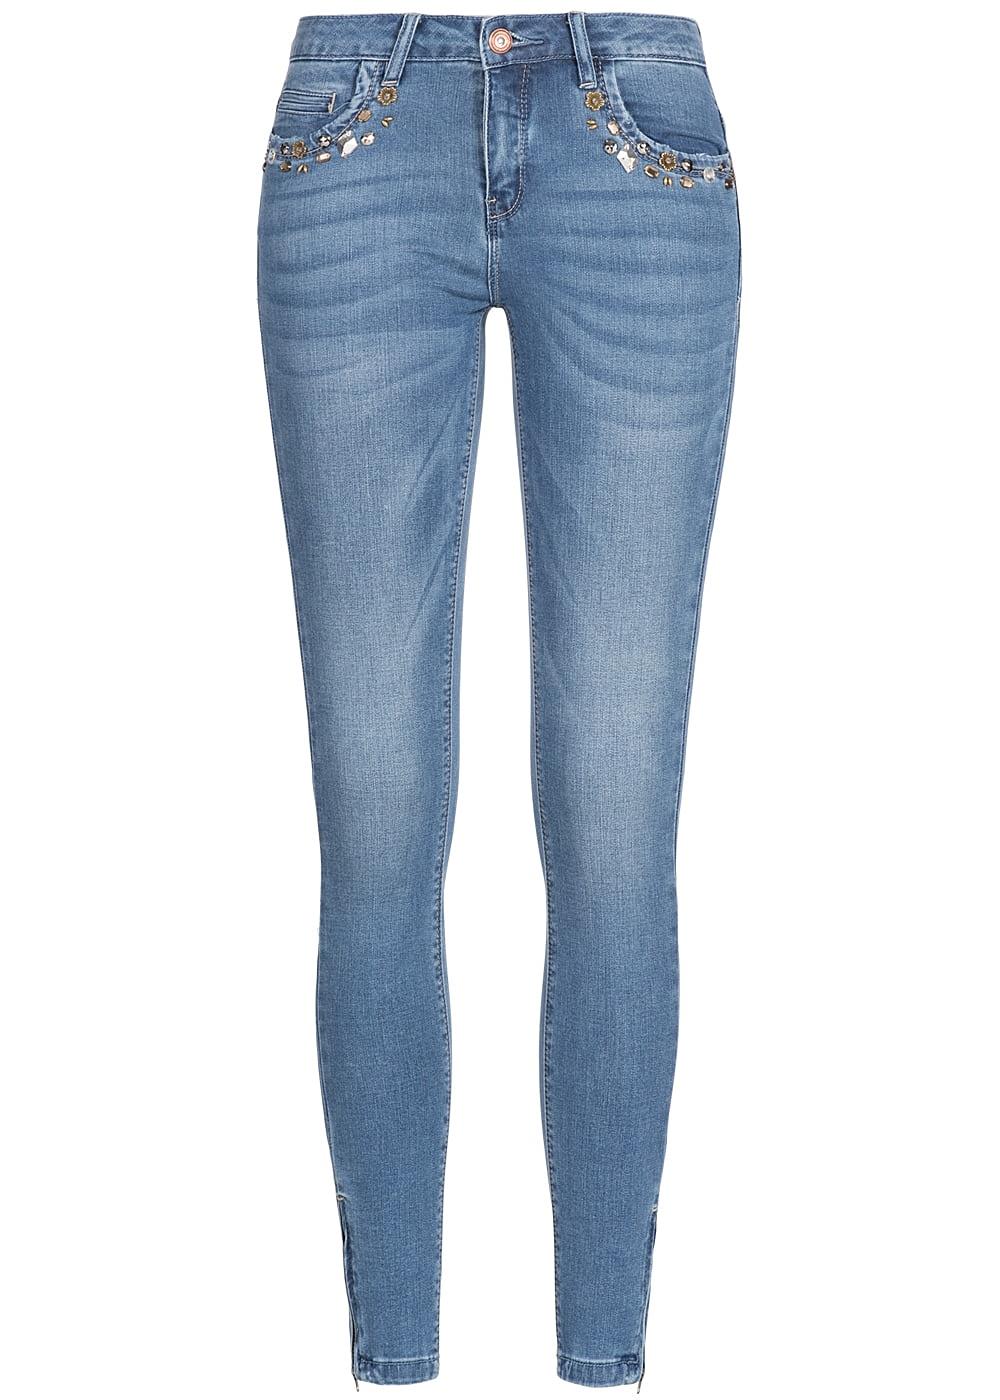 only damen jeans hose deko steine 5 pockets zipper. Black Bedroom Furniture Sets. Home Design Ideas